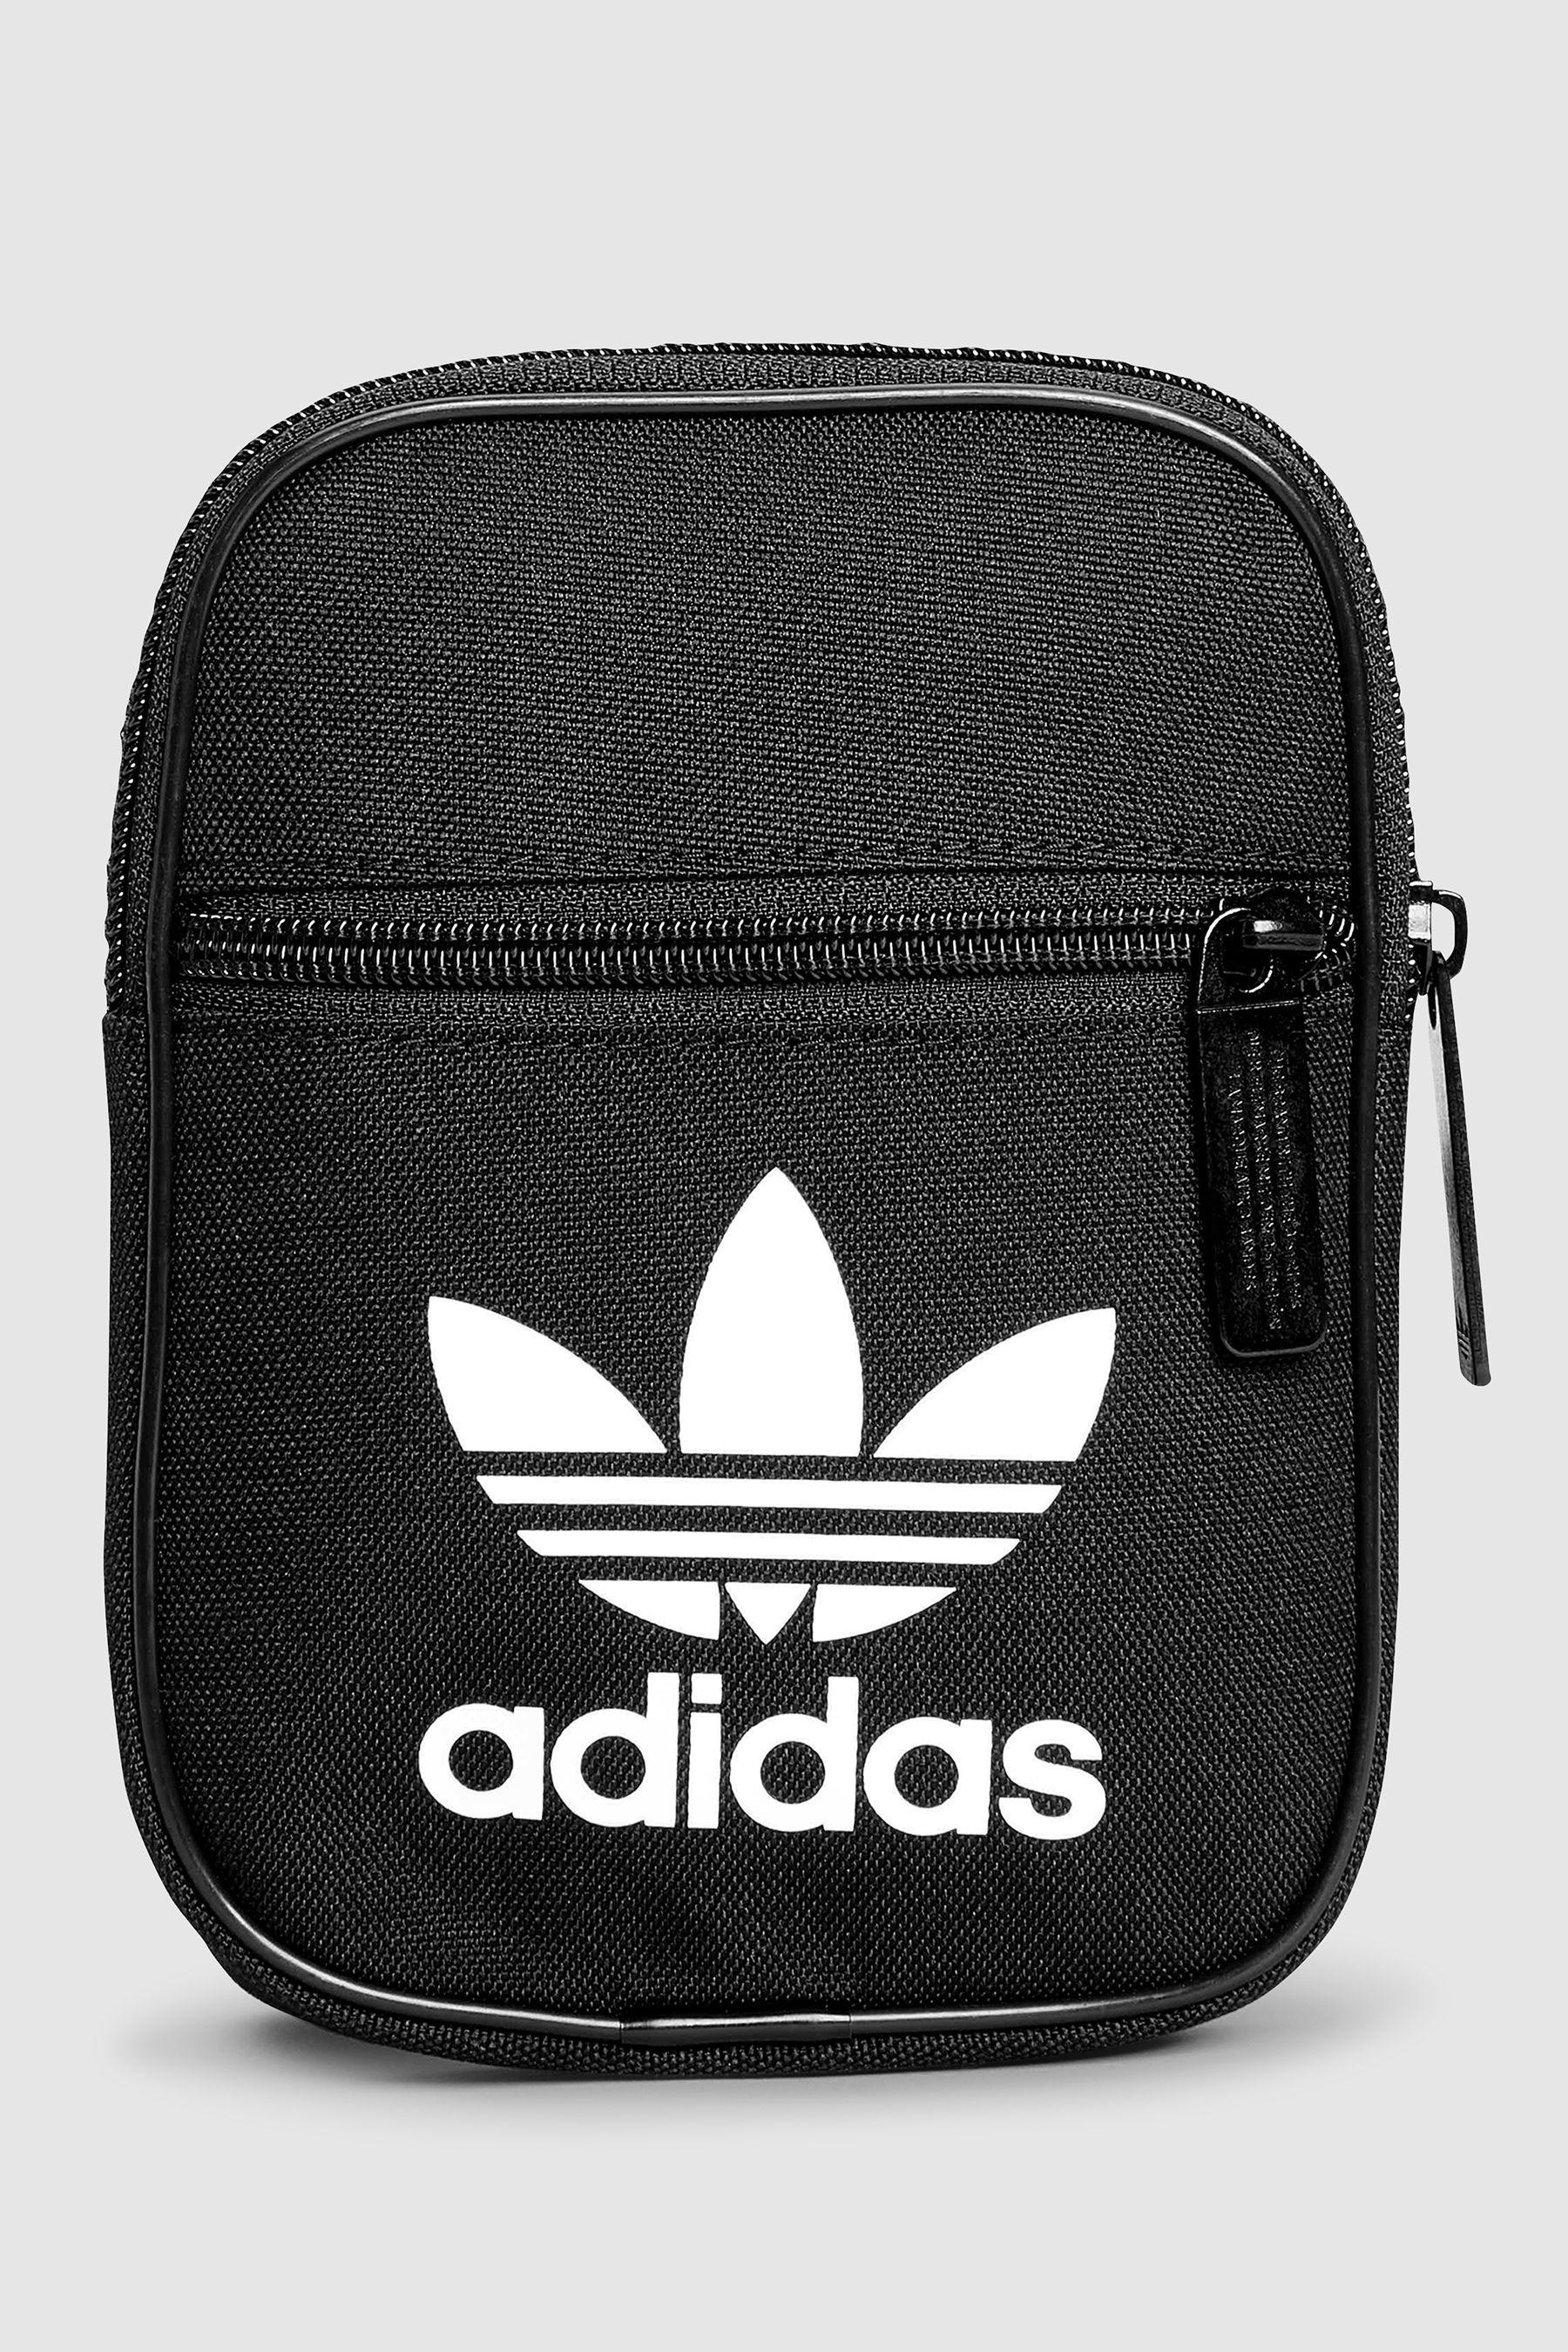 Mens adidas Originals Trefoil Festival Bag - Grey  bf21e7138359e